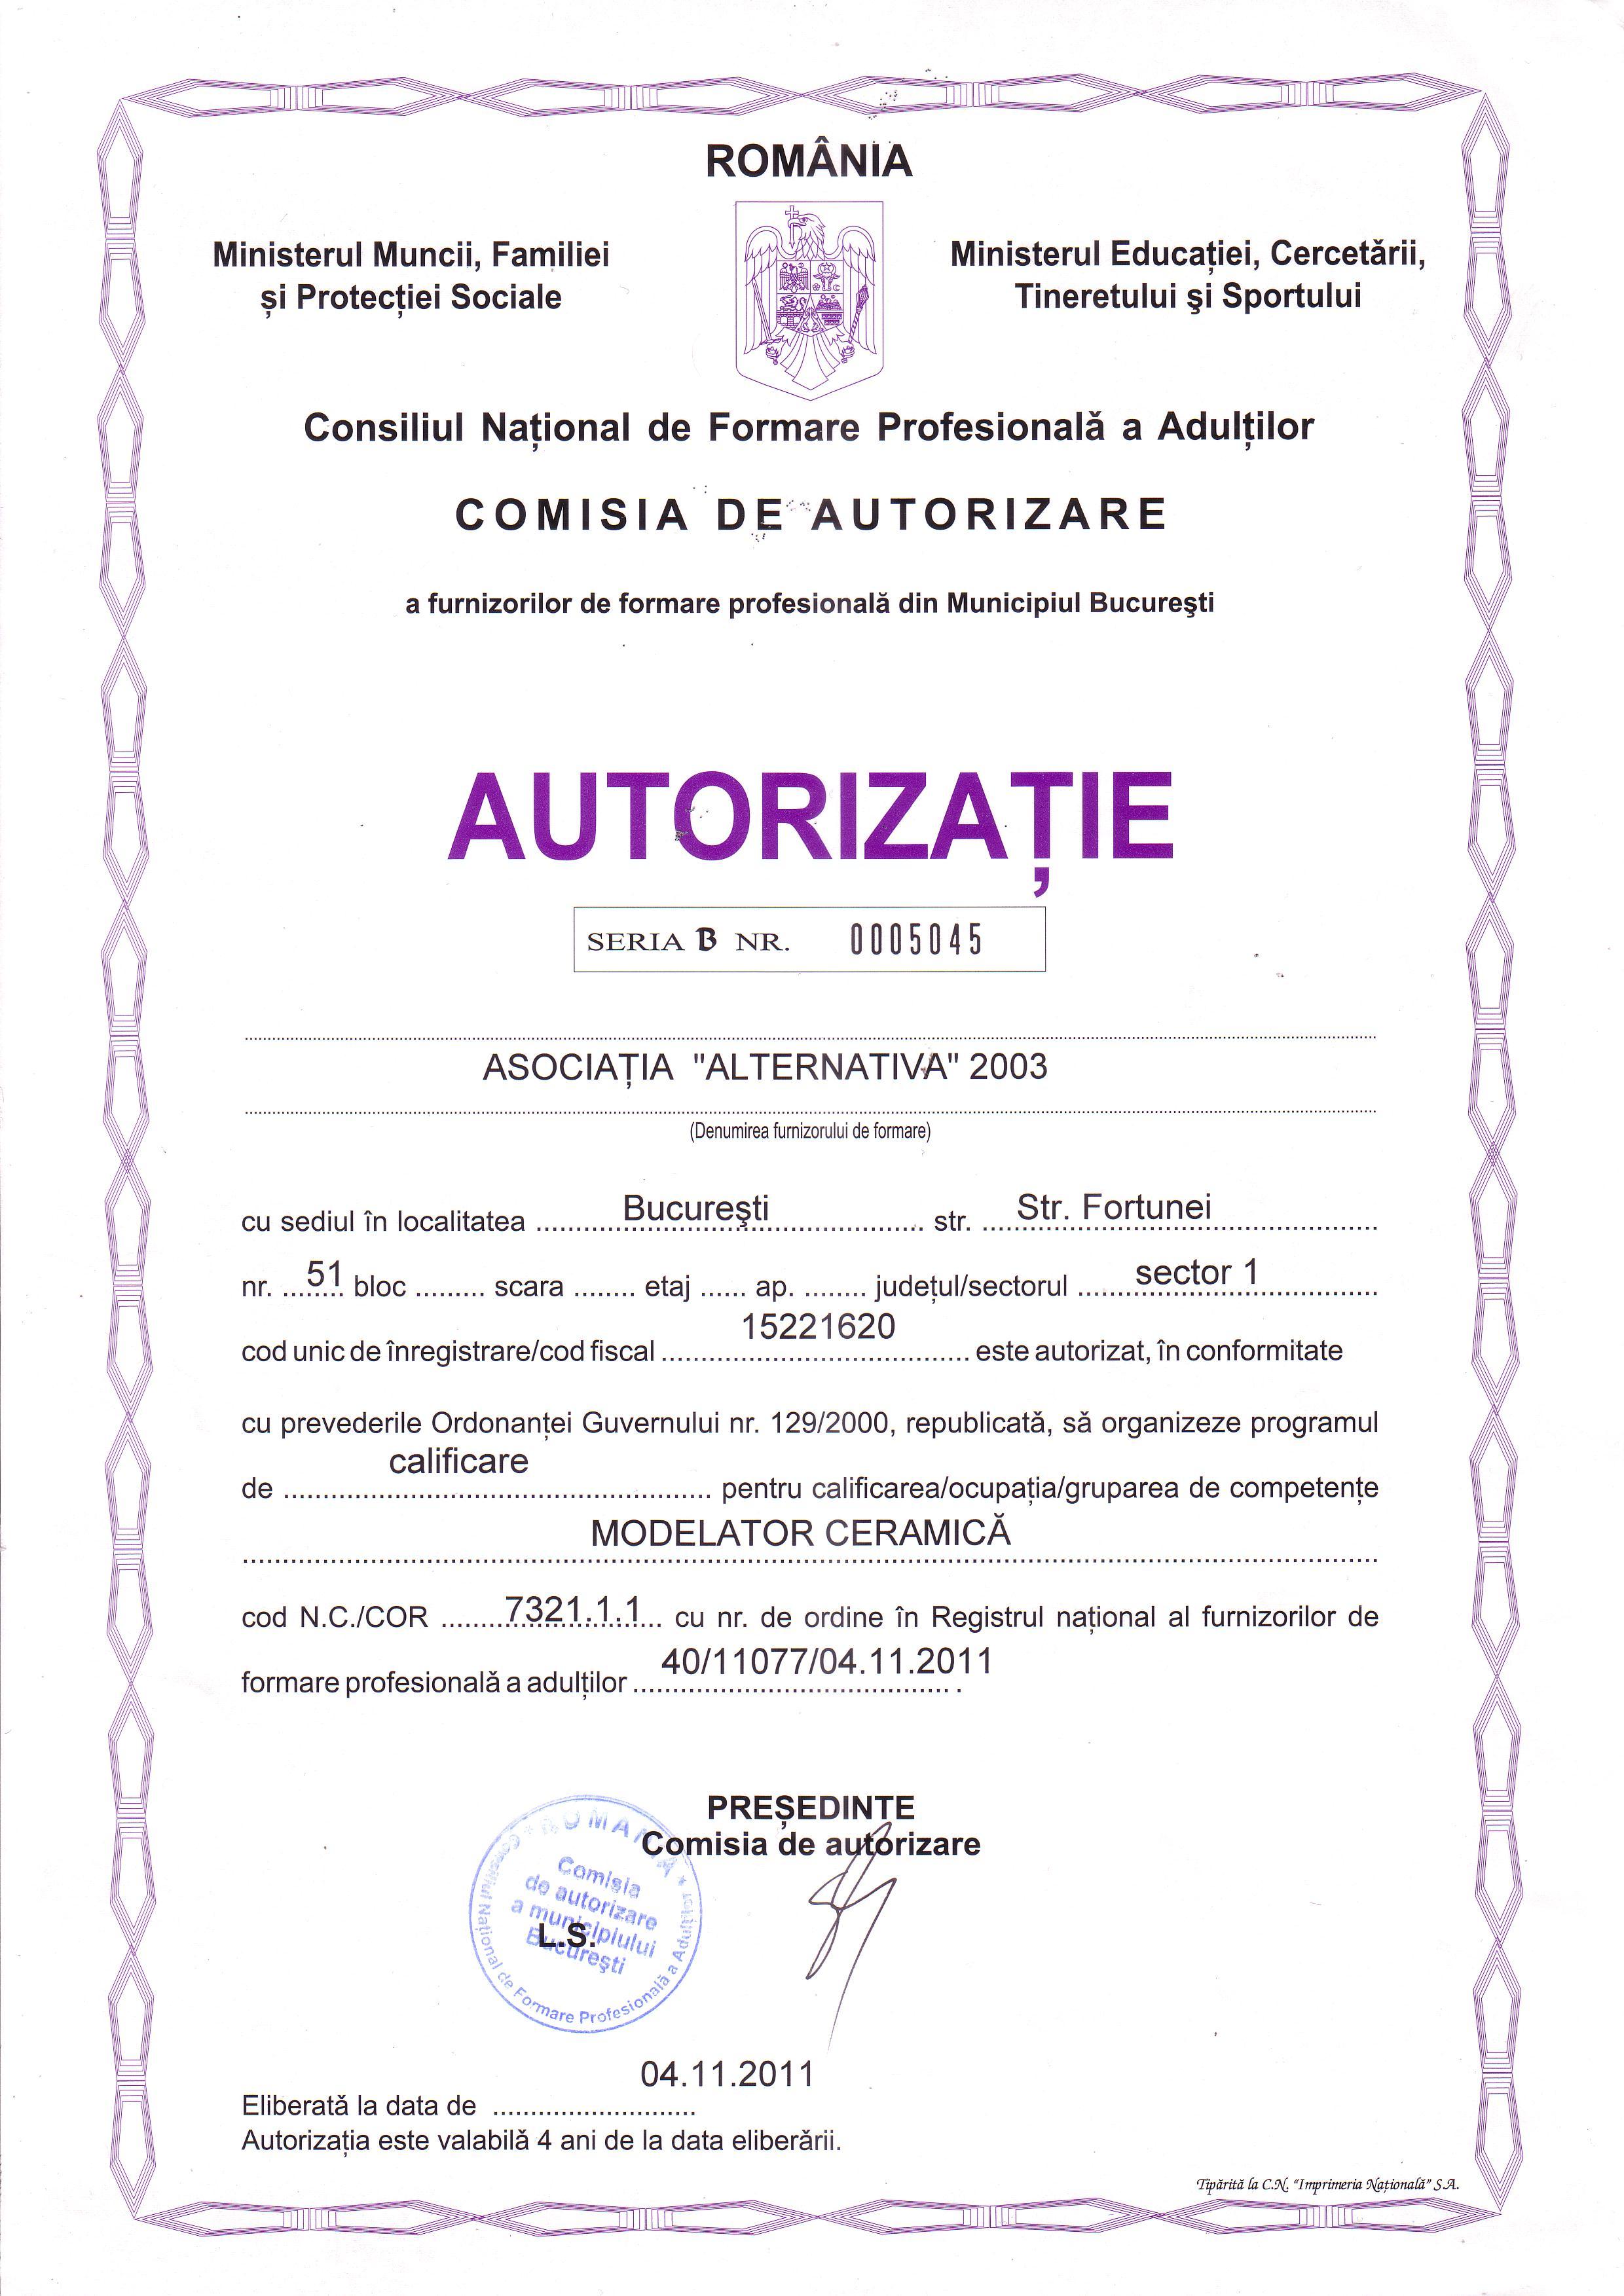 AUTORIZATIE CURS 2012